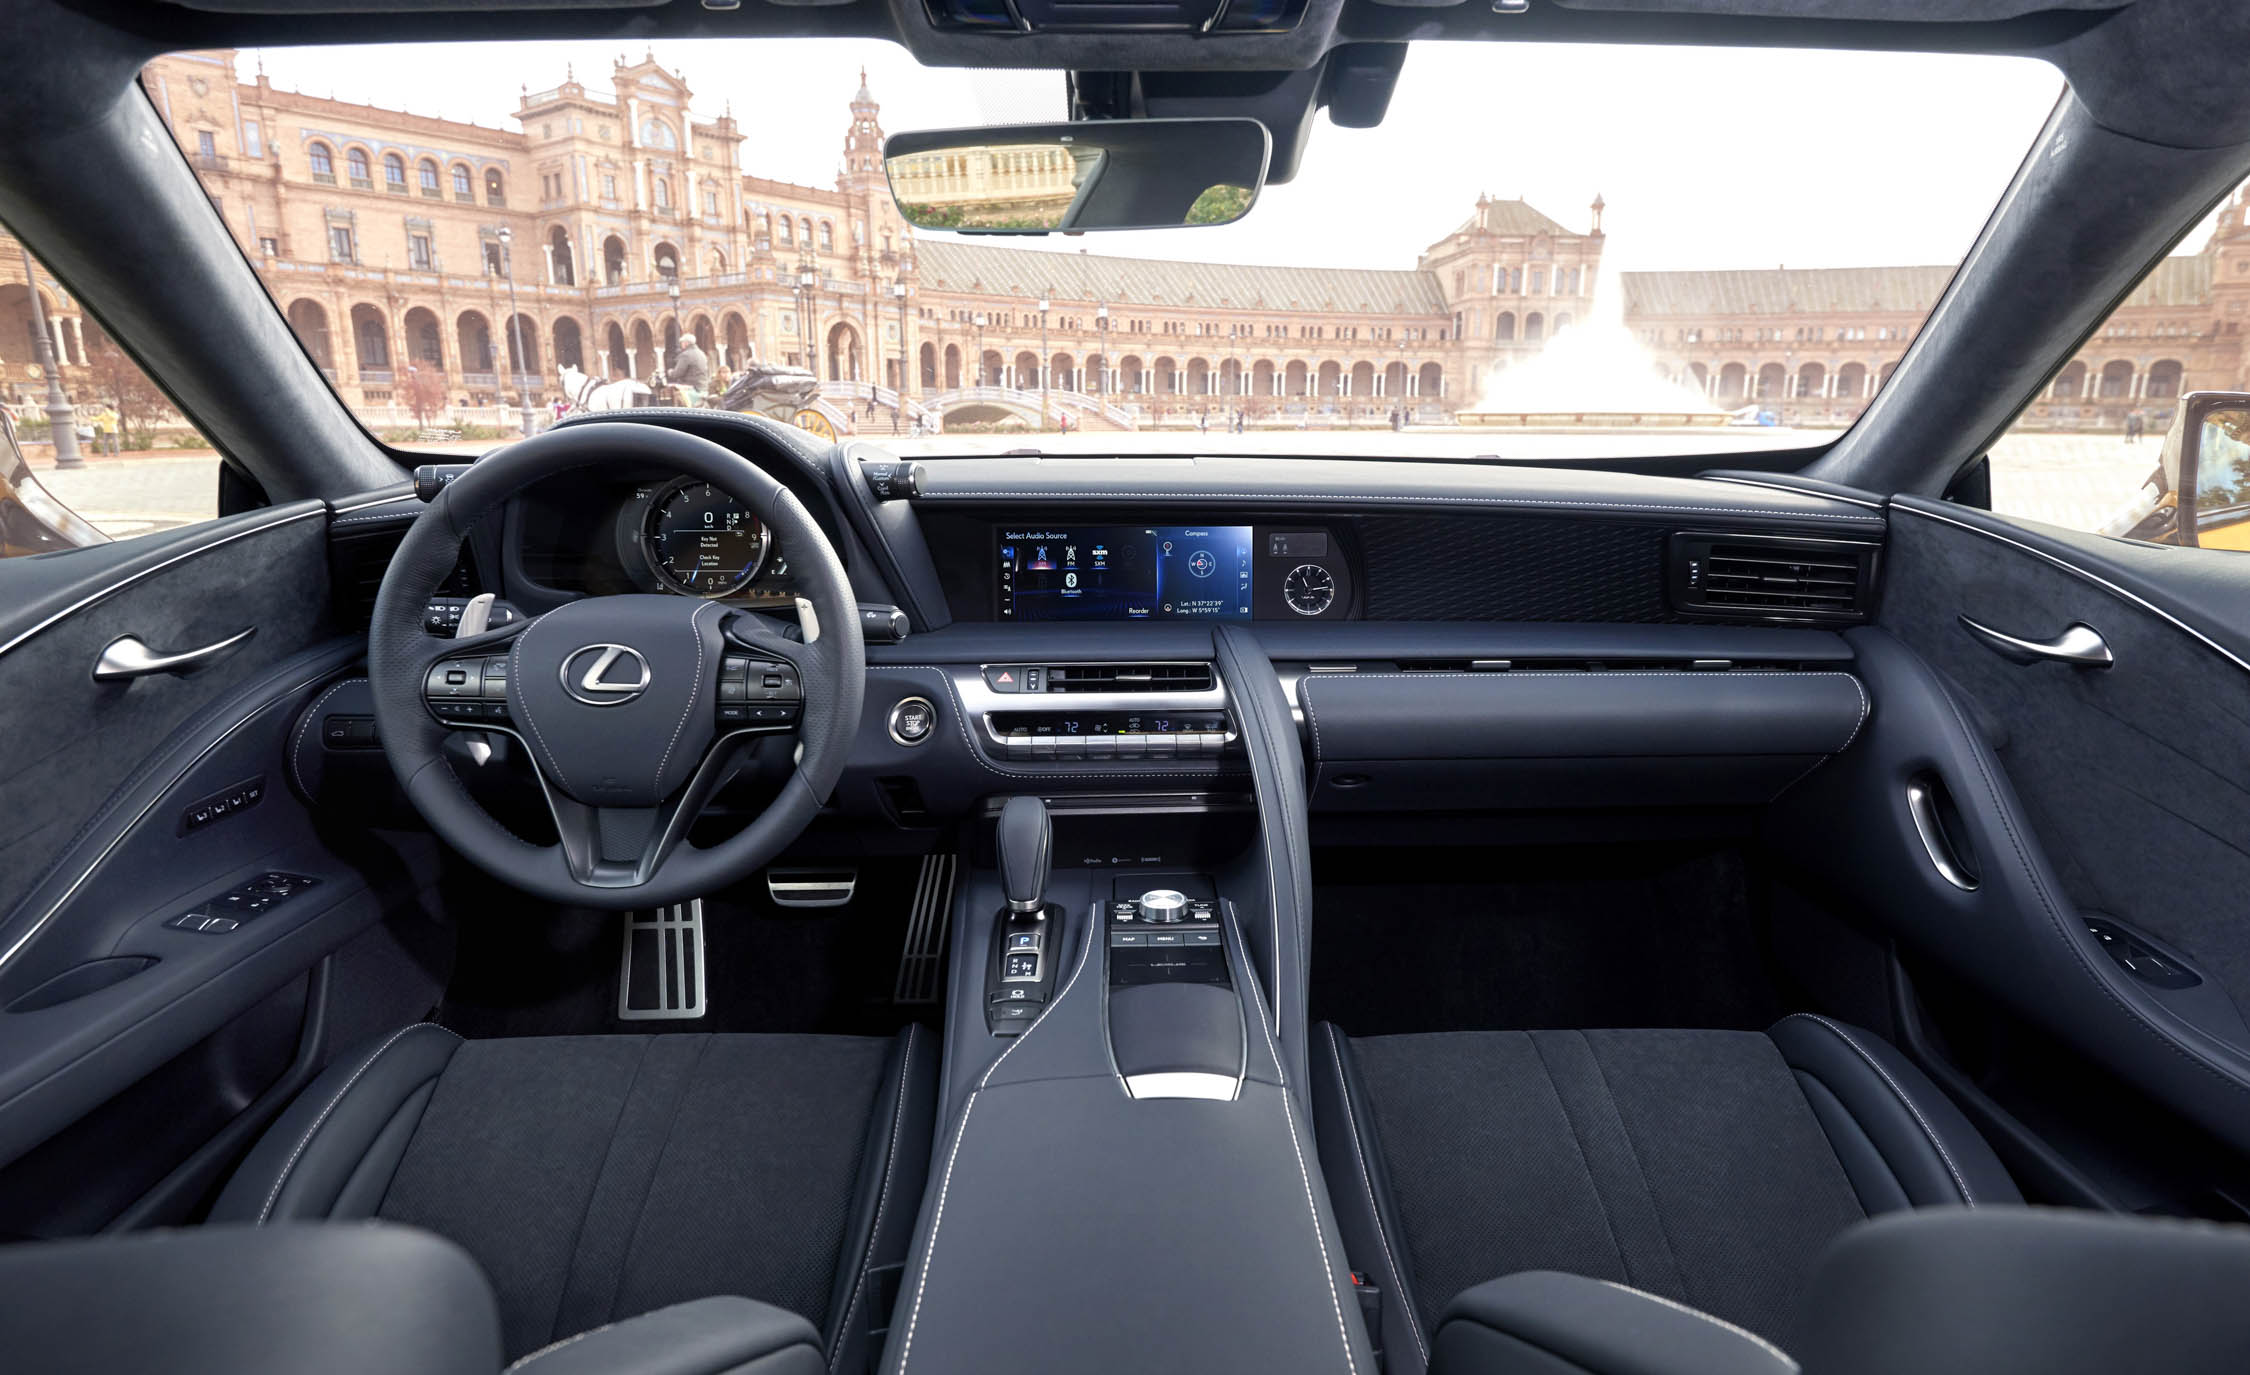 2018 Lexus Lc 500 Black Interior (Photo 70 of 84)